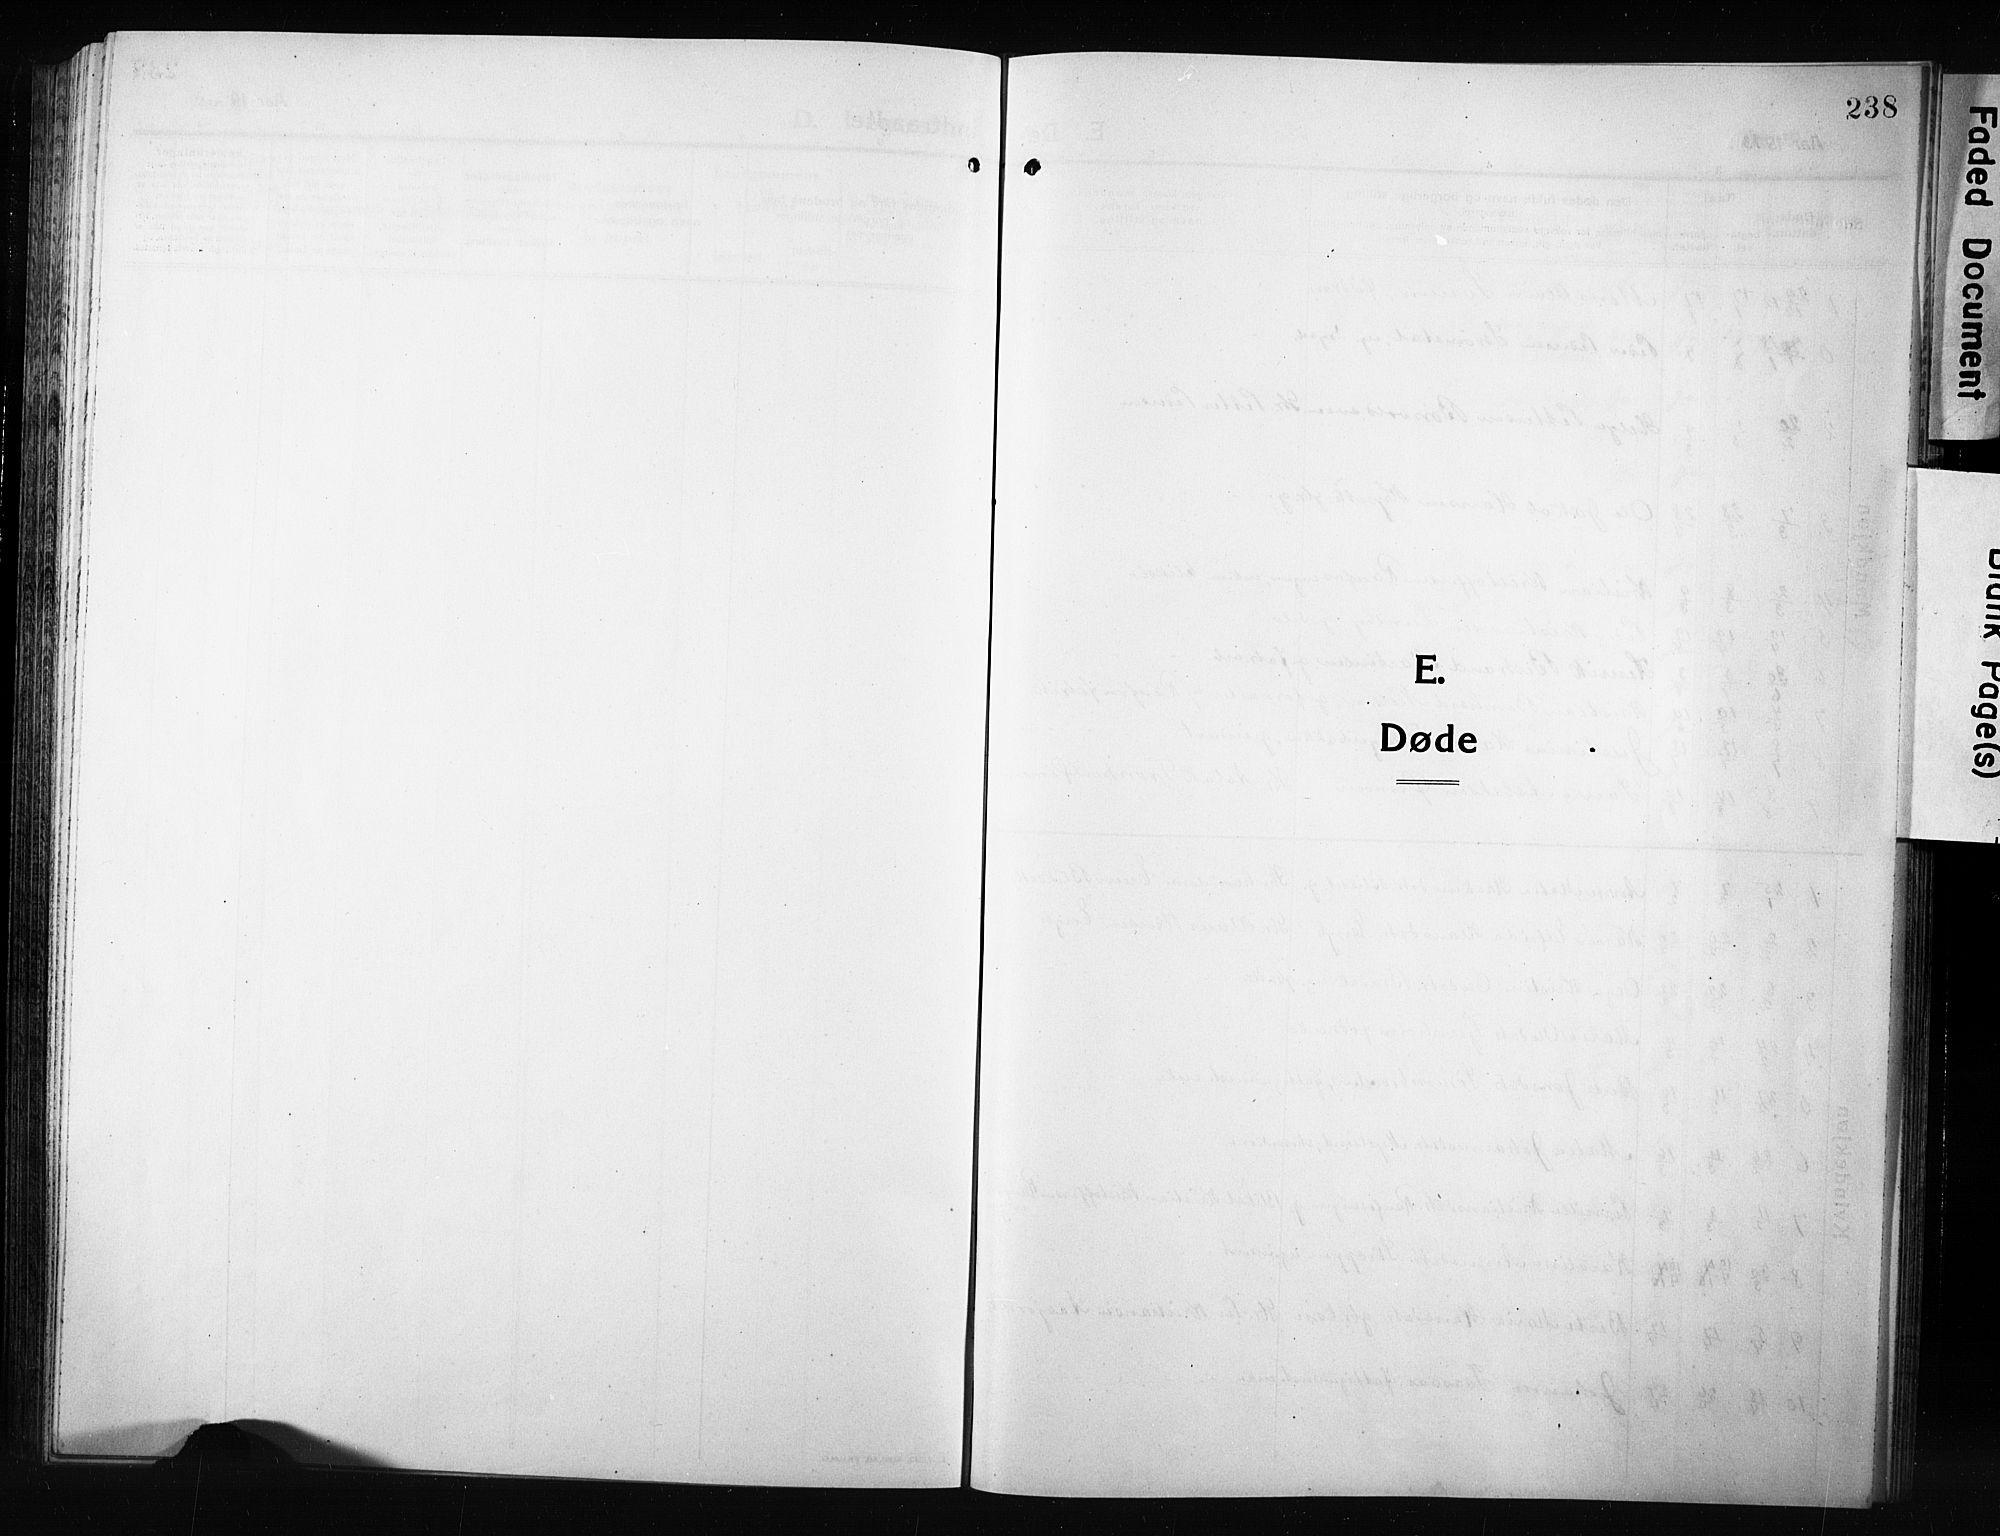 SAH, Vestre Toten prestekontor, Klokkerbok nr. 12, 1909-1928, s. 238